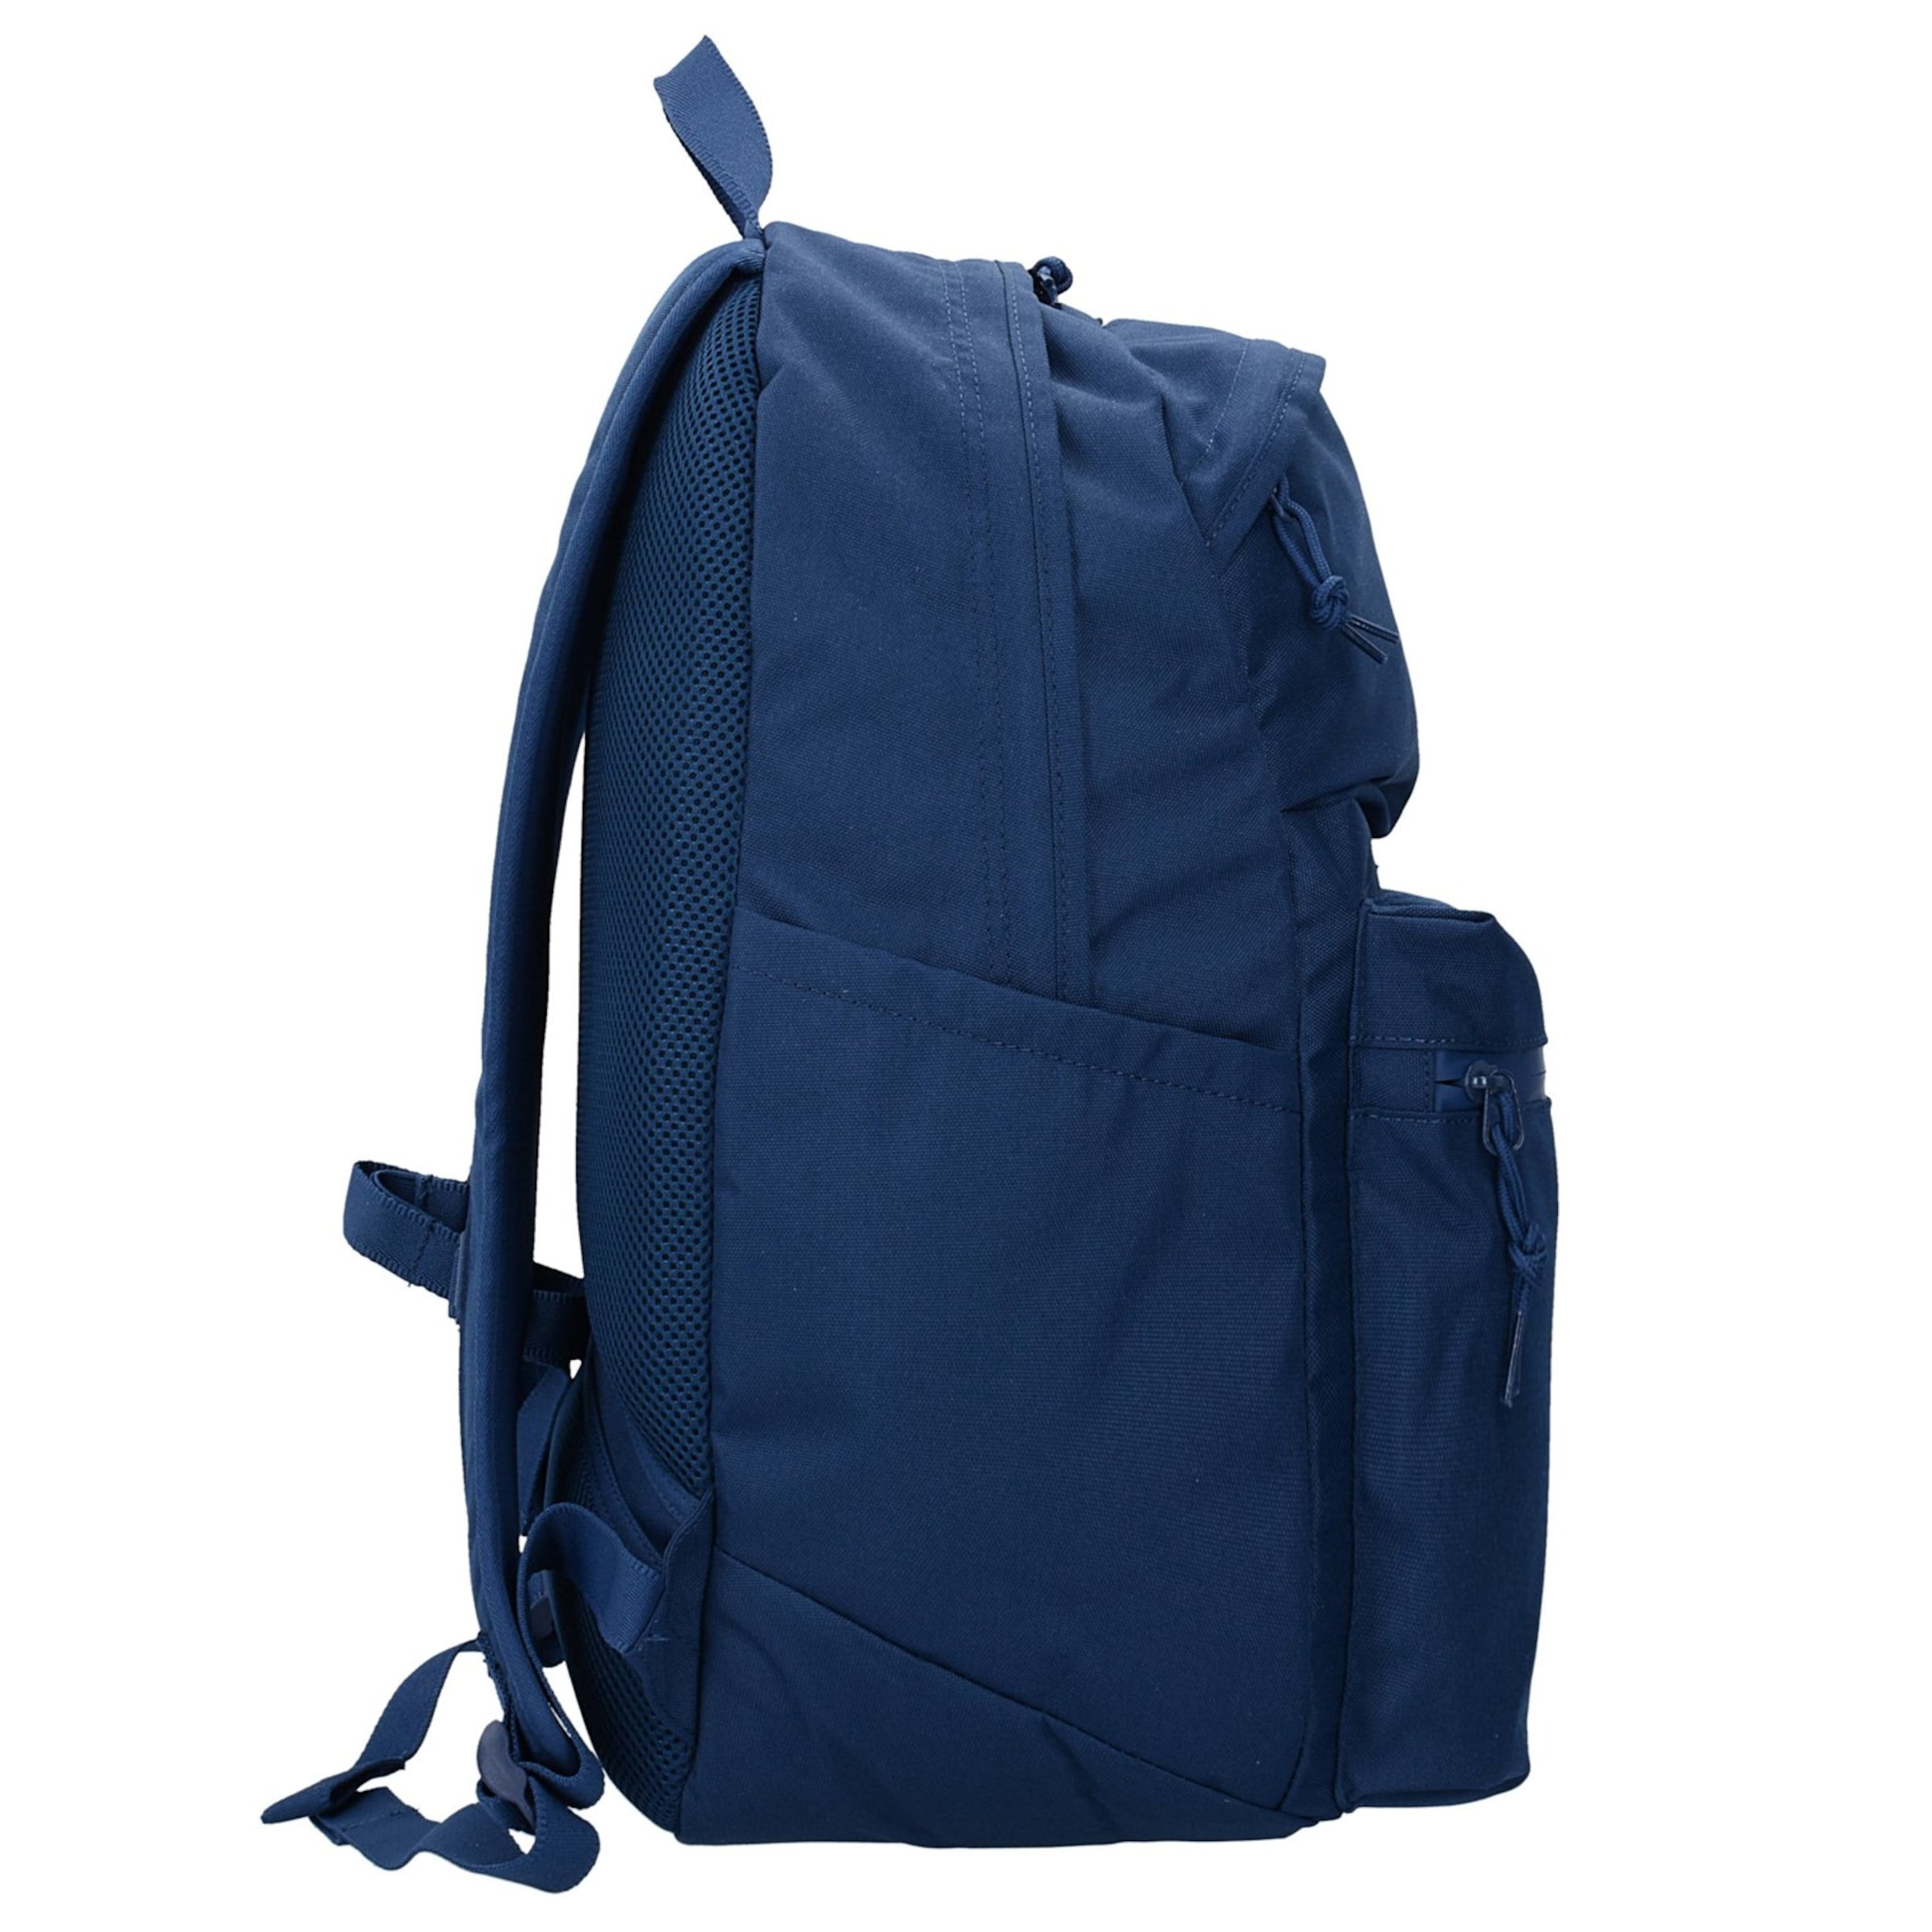 CONVERSE 'Chuck 1.0 Pack Poly' 46 cm mit Laptopfach Online-Suche Zu Verkaufen Original Zum Verkauf LWRda